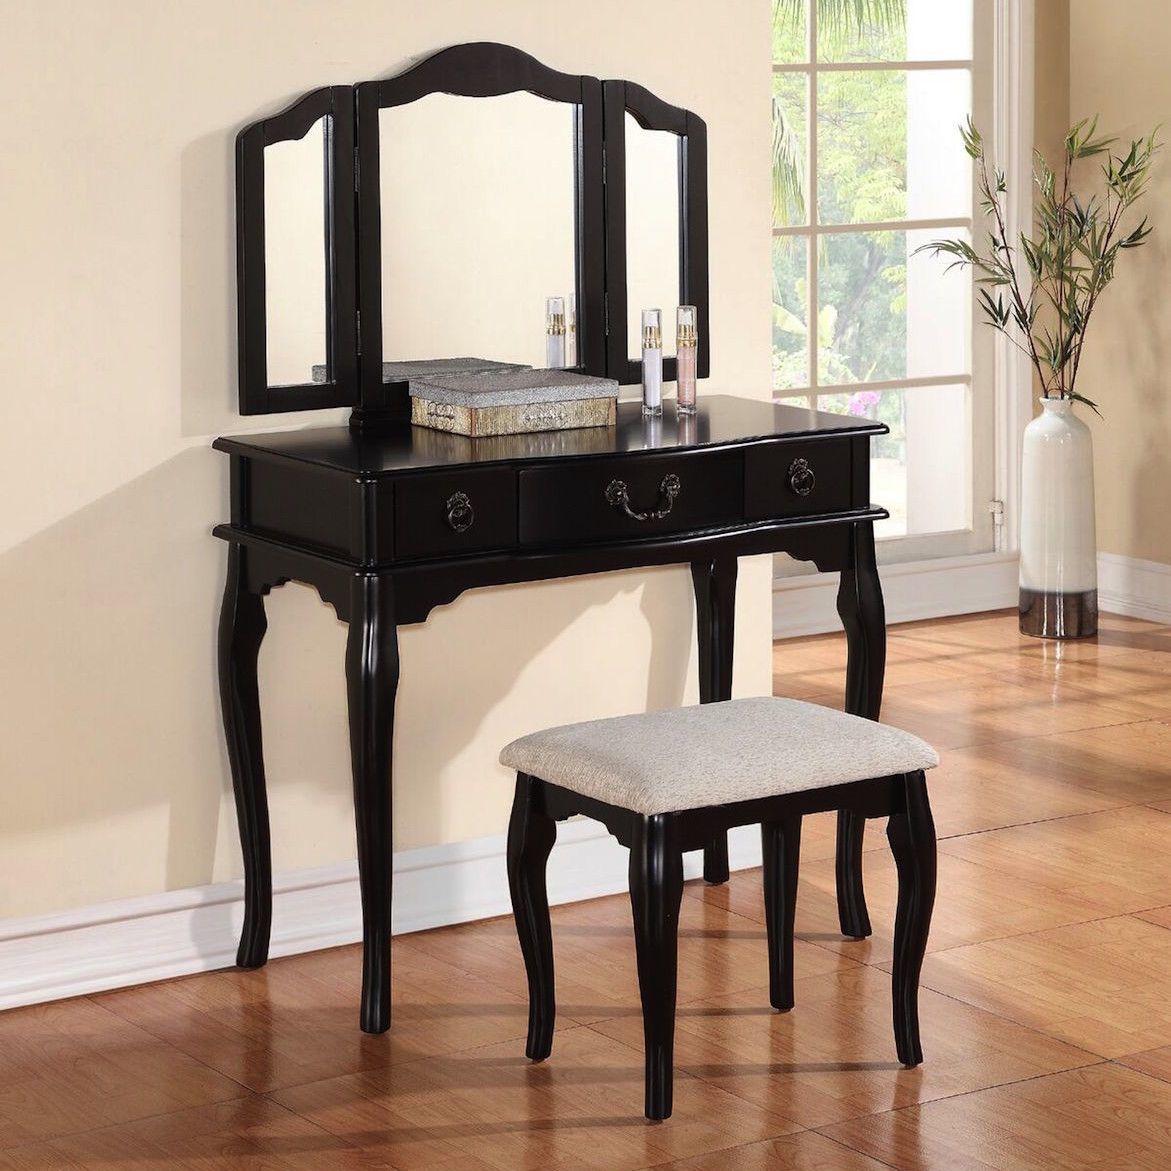 Esther vanity set with mirror mirror vanities and vanity set